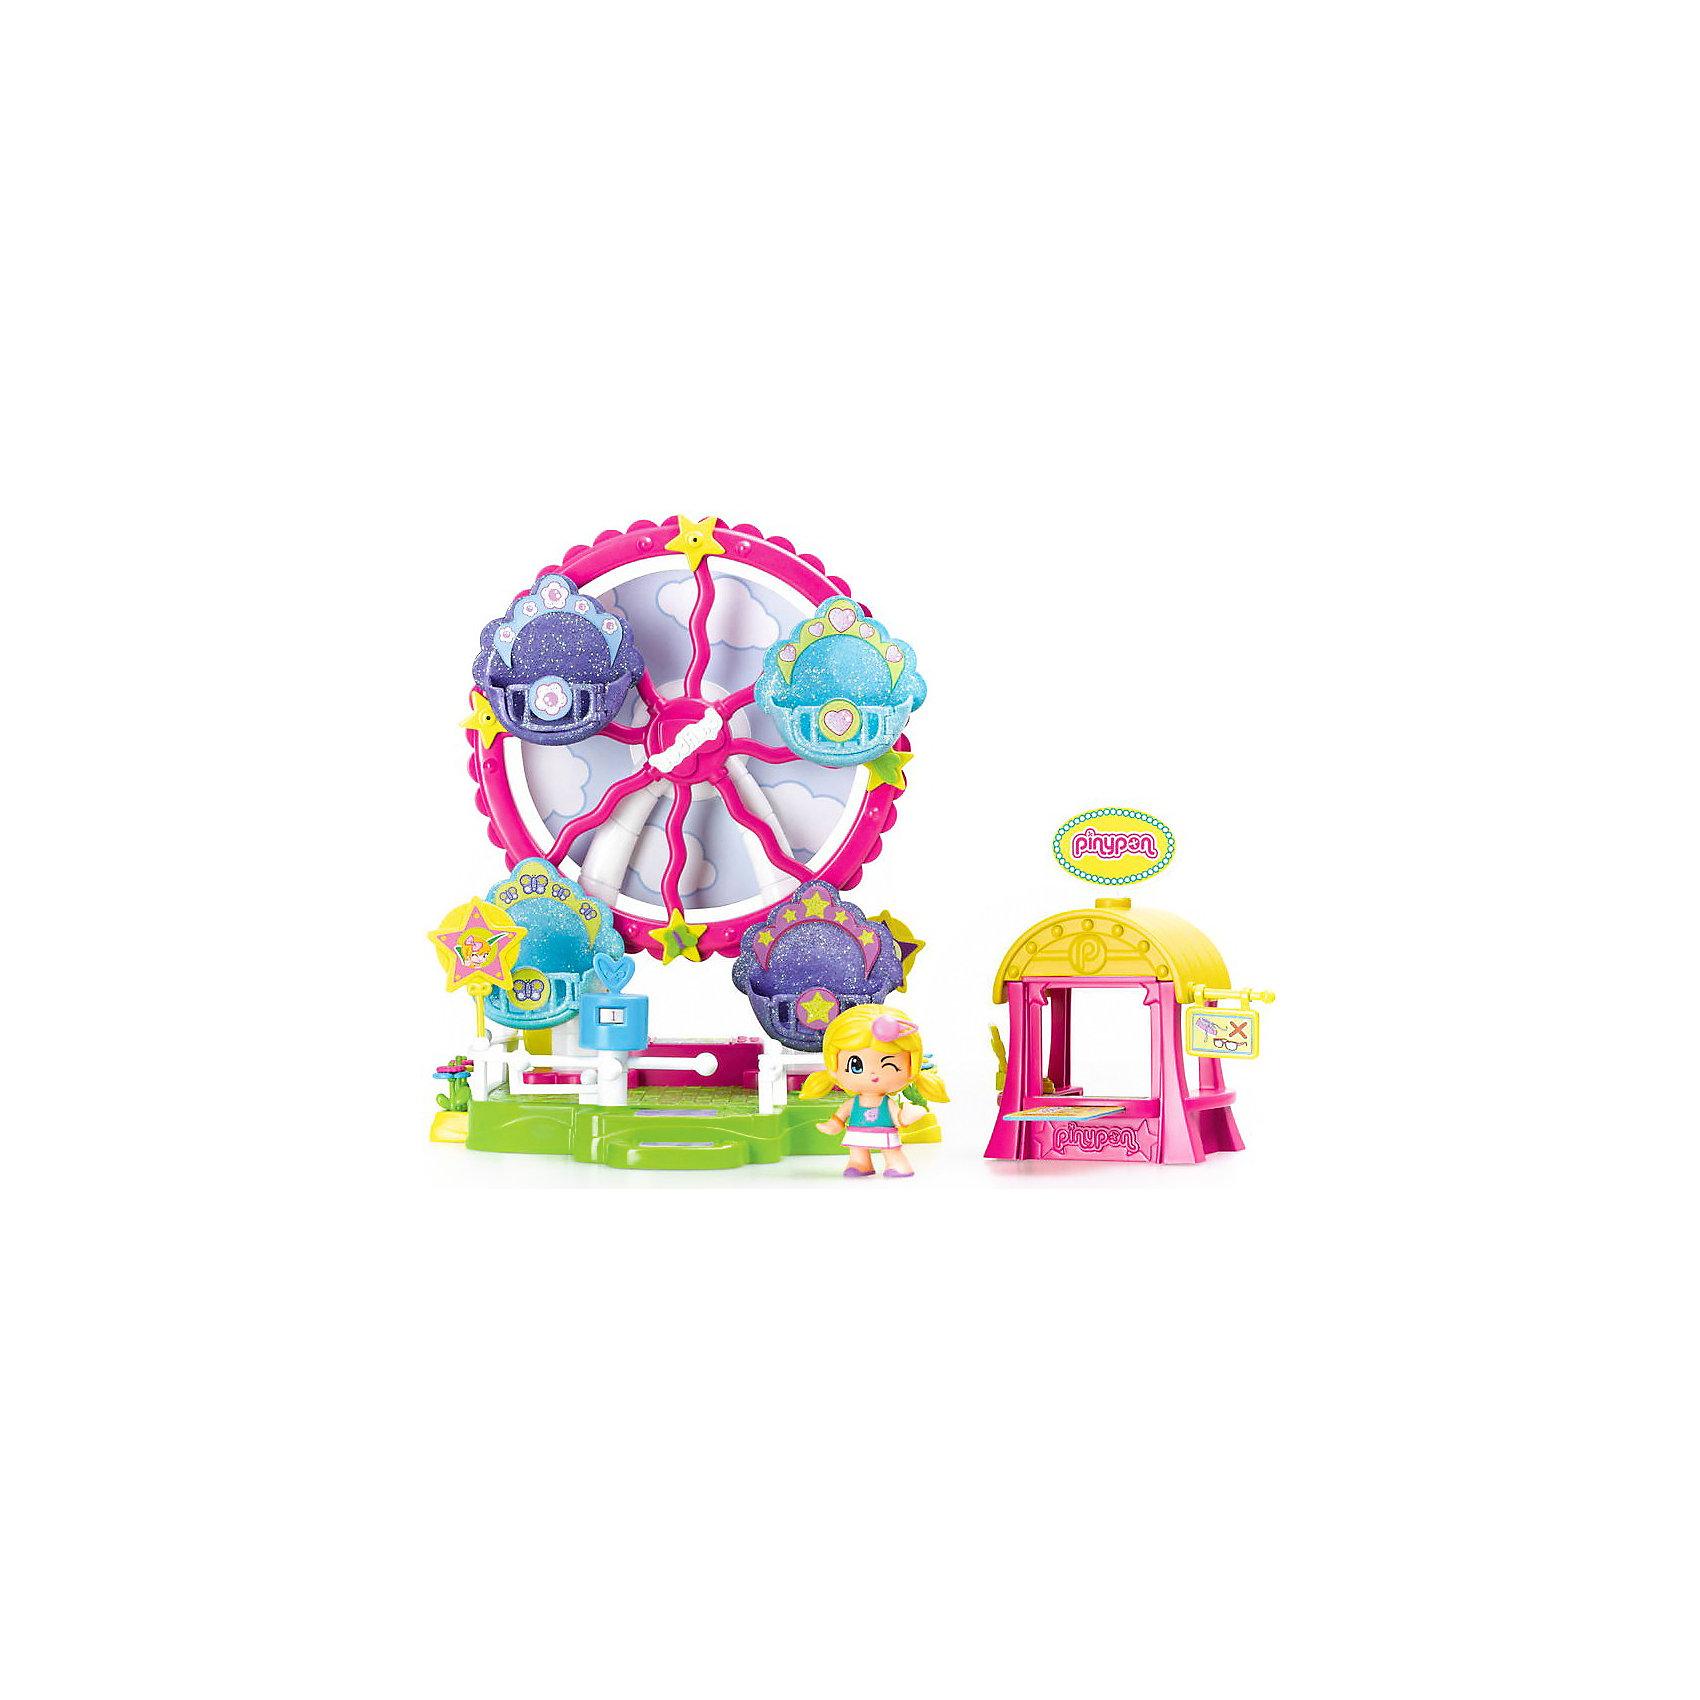 Игровой набор Пинипон - колесо обозрения, FamosaБренды кукол<br>Игровой набор Пинипон - колесо обозрения, Famosa (Фамоса).<br><br>Характеристики:<br><br>- В наборе: колесо обозрения, 1 кукла Пинипон, билетная касса, турникет, аксессуары<br>- Высота куклы: 7 см.<br>- Материал: высококачественная пластмасса<br>- Упаковка: картонная коробка<br>- Размер упаковки: 35,5х10х30 см.<br>- Игрушка предназначена для детей старше 4 лет<br><br>Игровой набор Колесо обозрения Пинипон испанского бренда Famosa (Фамоса) – это замечательный игровой набор для девочек, которым уже успели полюбиться очаровательные малютки Пинипон! Крутящееся колесо обозрения имеет четыре кабинки с открывающимися дверцами, куда можно посадить куколок и покатать их на чудо – колесе. Есть даже билетная касса и вертящийся турникет, который не позволит пройти безбилетникам! На обратной стороне аттракциона установлена игра Колесо фортуны. Игровой набор Колесо обозрения Пинипон позволит создать миниатюрный парк развлечений и обеспечит вашей девочке массу удовольствия во время увлекательного игрового процесса! Набор изготовлен из высококачественной пластмассы, которая совершенно безопасна для детского здоровья.<br><br>Игровой набор Пинипон - колесо обозрения, Famosa (Фамоса) можно купить в нашем интернет-магазине.<br><br>Ширина мм: 301<br>Глубина мм: 339<br>Высота мм: 111<br>Вес г: 941<br>Возраст от месяцев: 48<br>Возраст до месяцев: 72<br>Пол: Унисекс<br>Возраст: Детский<br>SKU: 3736091